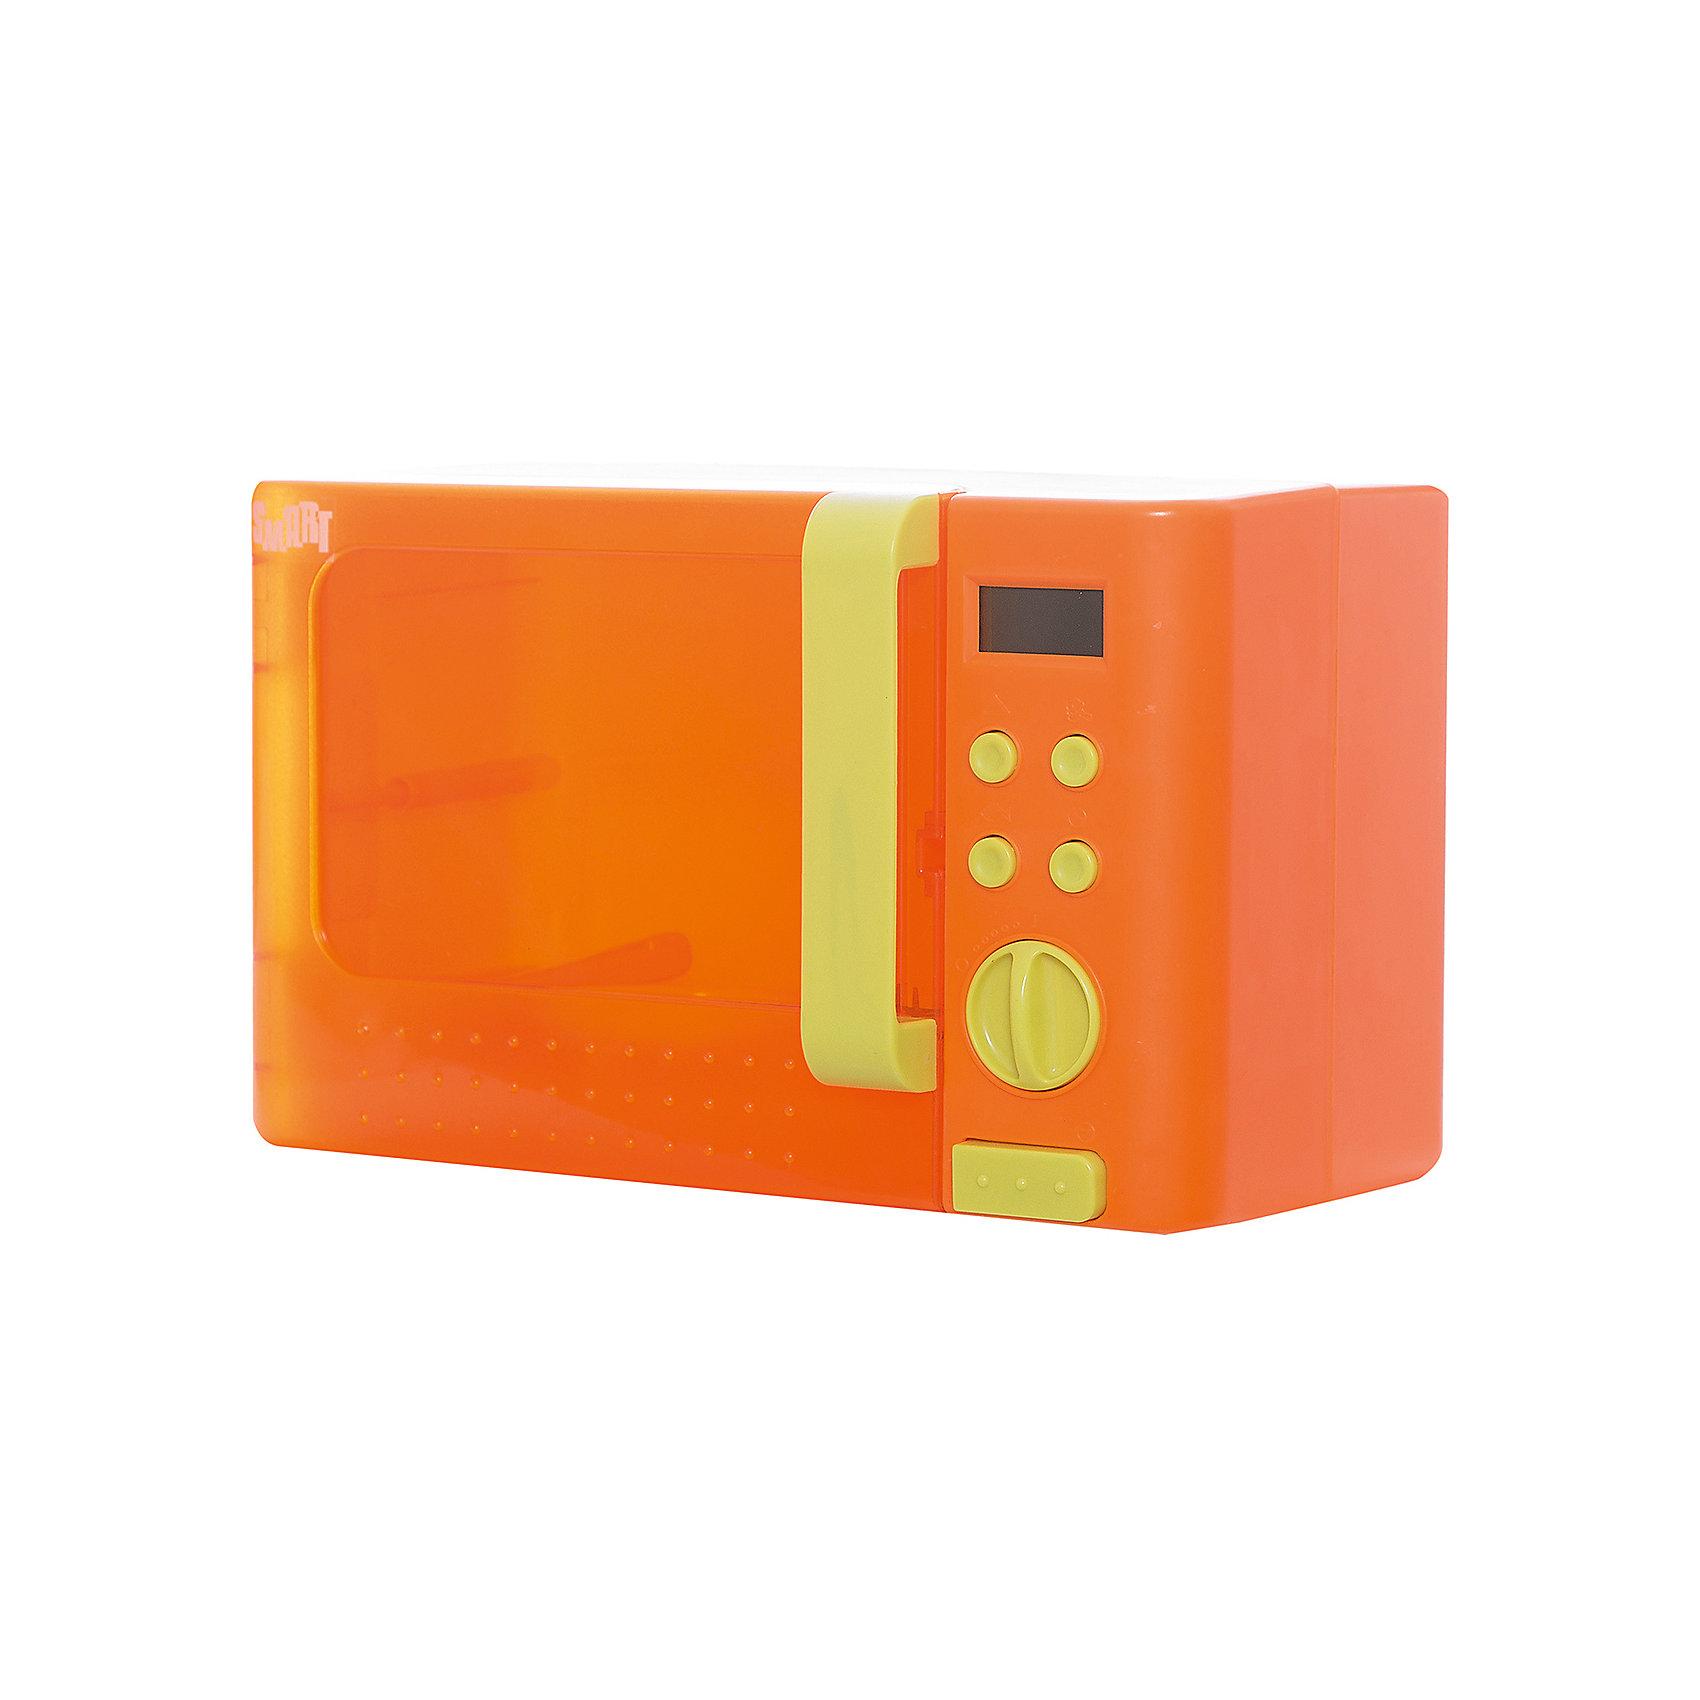 Микроволновая печь Smart, HTIИгрушечная бытовая техника<br>Микроволновая печь Smart, HTI.<br><br>Характеристика: <br><br>• Материал: пластик. <br>• Размер: 27х16.5х17 см. <br>• Комплектация: микроволновая печь, кусок пиццы. <br>• Яркий привлекательный дизайн. <br>• Элемент питания: 3 АА батарейки (не входят в комплект). <br>• Световые и звуковые эффекты. <br><br>Микроволновая печь Smart выглядит как настоящая! Покрутив специальное колесико можно выбрать разные режимы времени, которое отражается на LCD экране. Дверца открывается нажатием большой кнопки, после запуска микроволновки внутри зажигается свет и начинает вращаться тарелка, слышны звуки работающего прибора. Прекрасный вариант для вашей юной хозяйки! Игрушка выполнена из высококачественного экологичного пластика безопасного для детей.<br><br>Микроволновую печь Smart, HTI, можно купить в нашем интернет-магазине.<br><br>Ширина мм: 184<br>Глубина мм: 278<br>Высота мм: 169<br>Вес г: 840<br>Возраст от месяцев: 36<br>Возраст до месяцев: 168<br>Пол: Женский<br>Возраст: Детский<br>SKU: 5366519